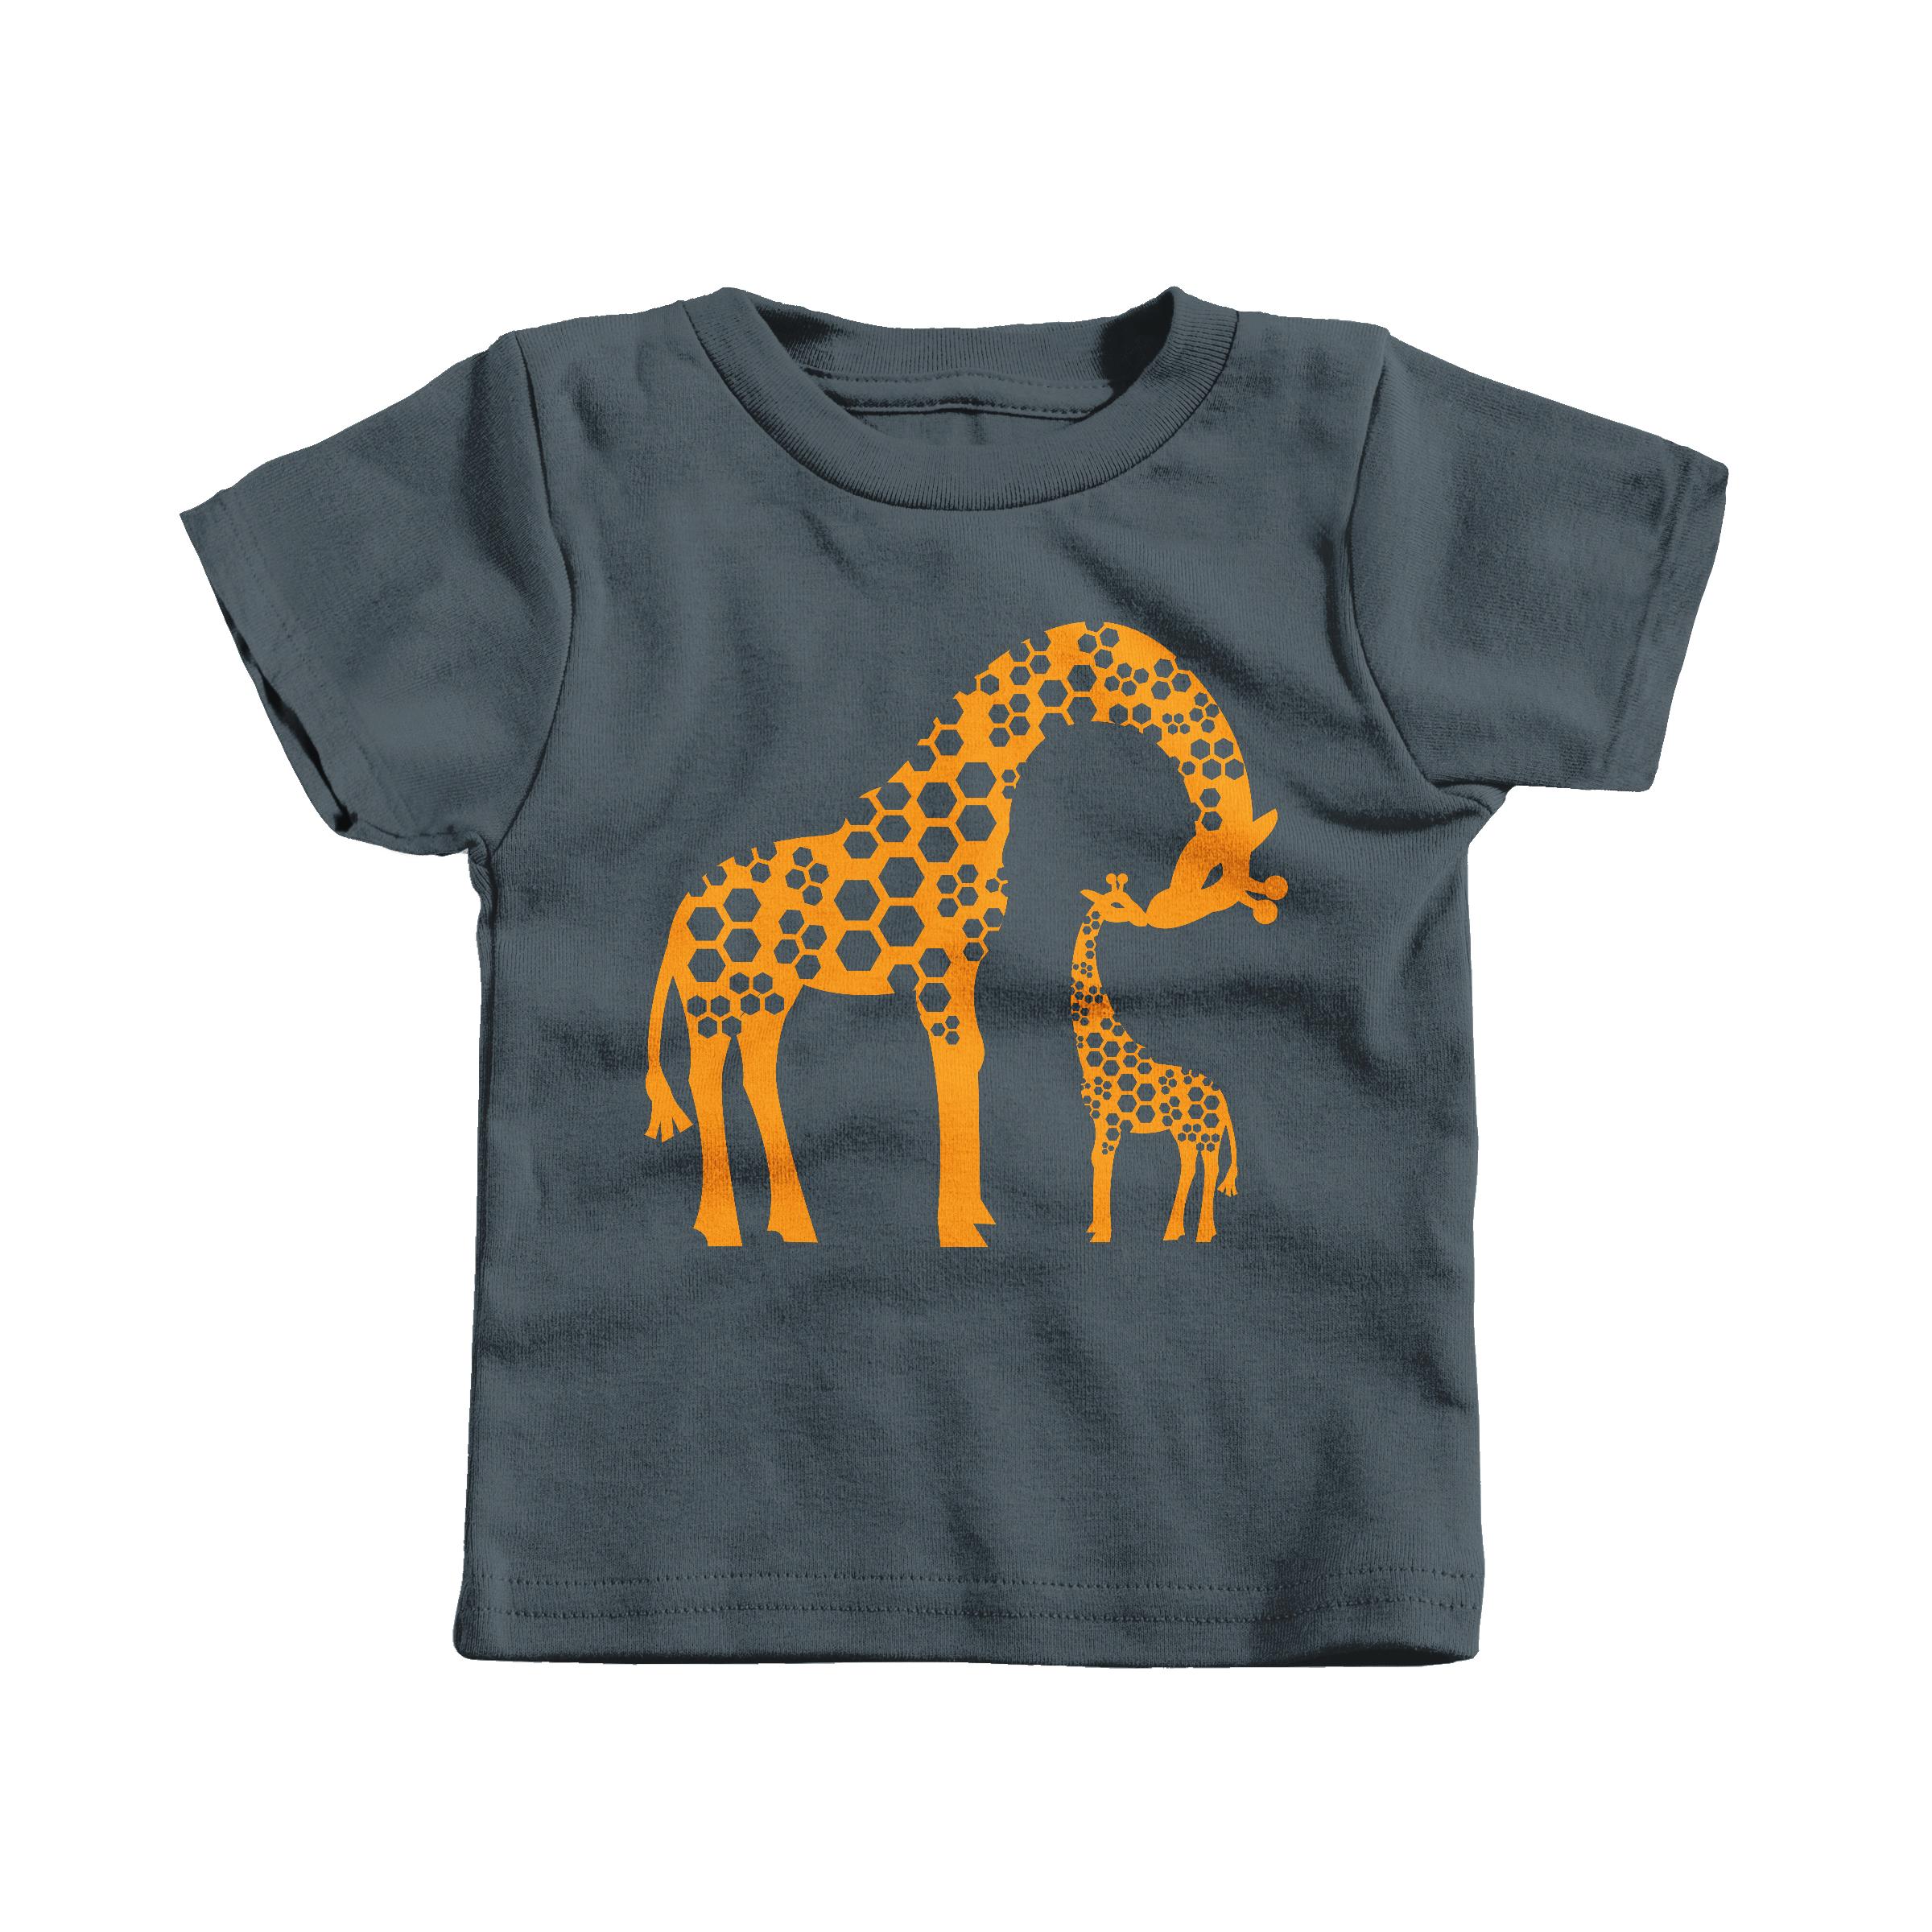 Hexa-Giraffes